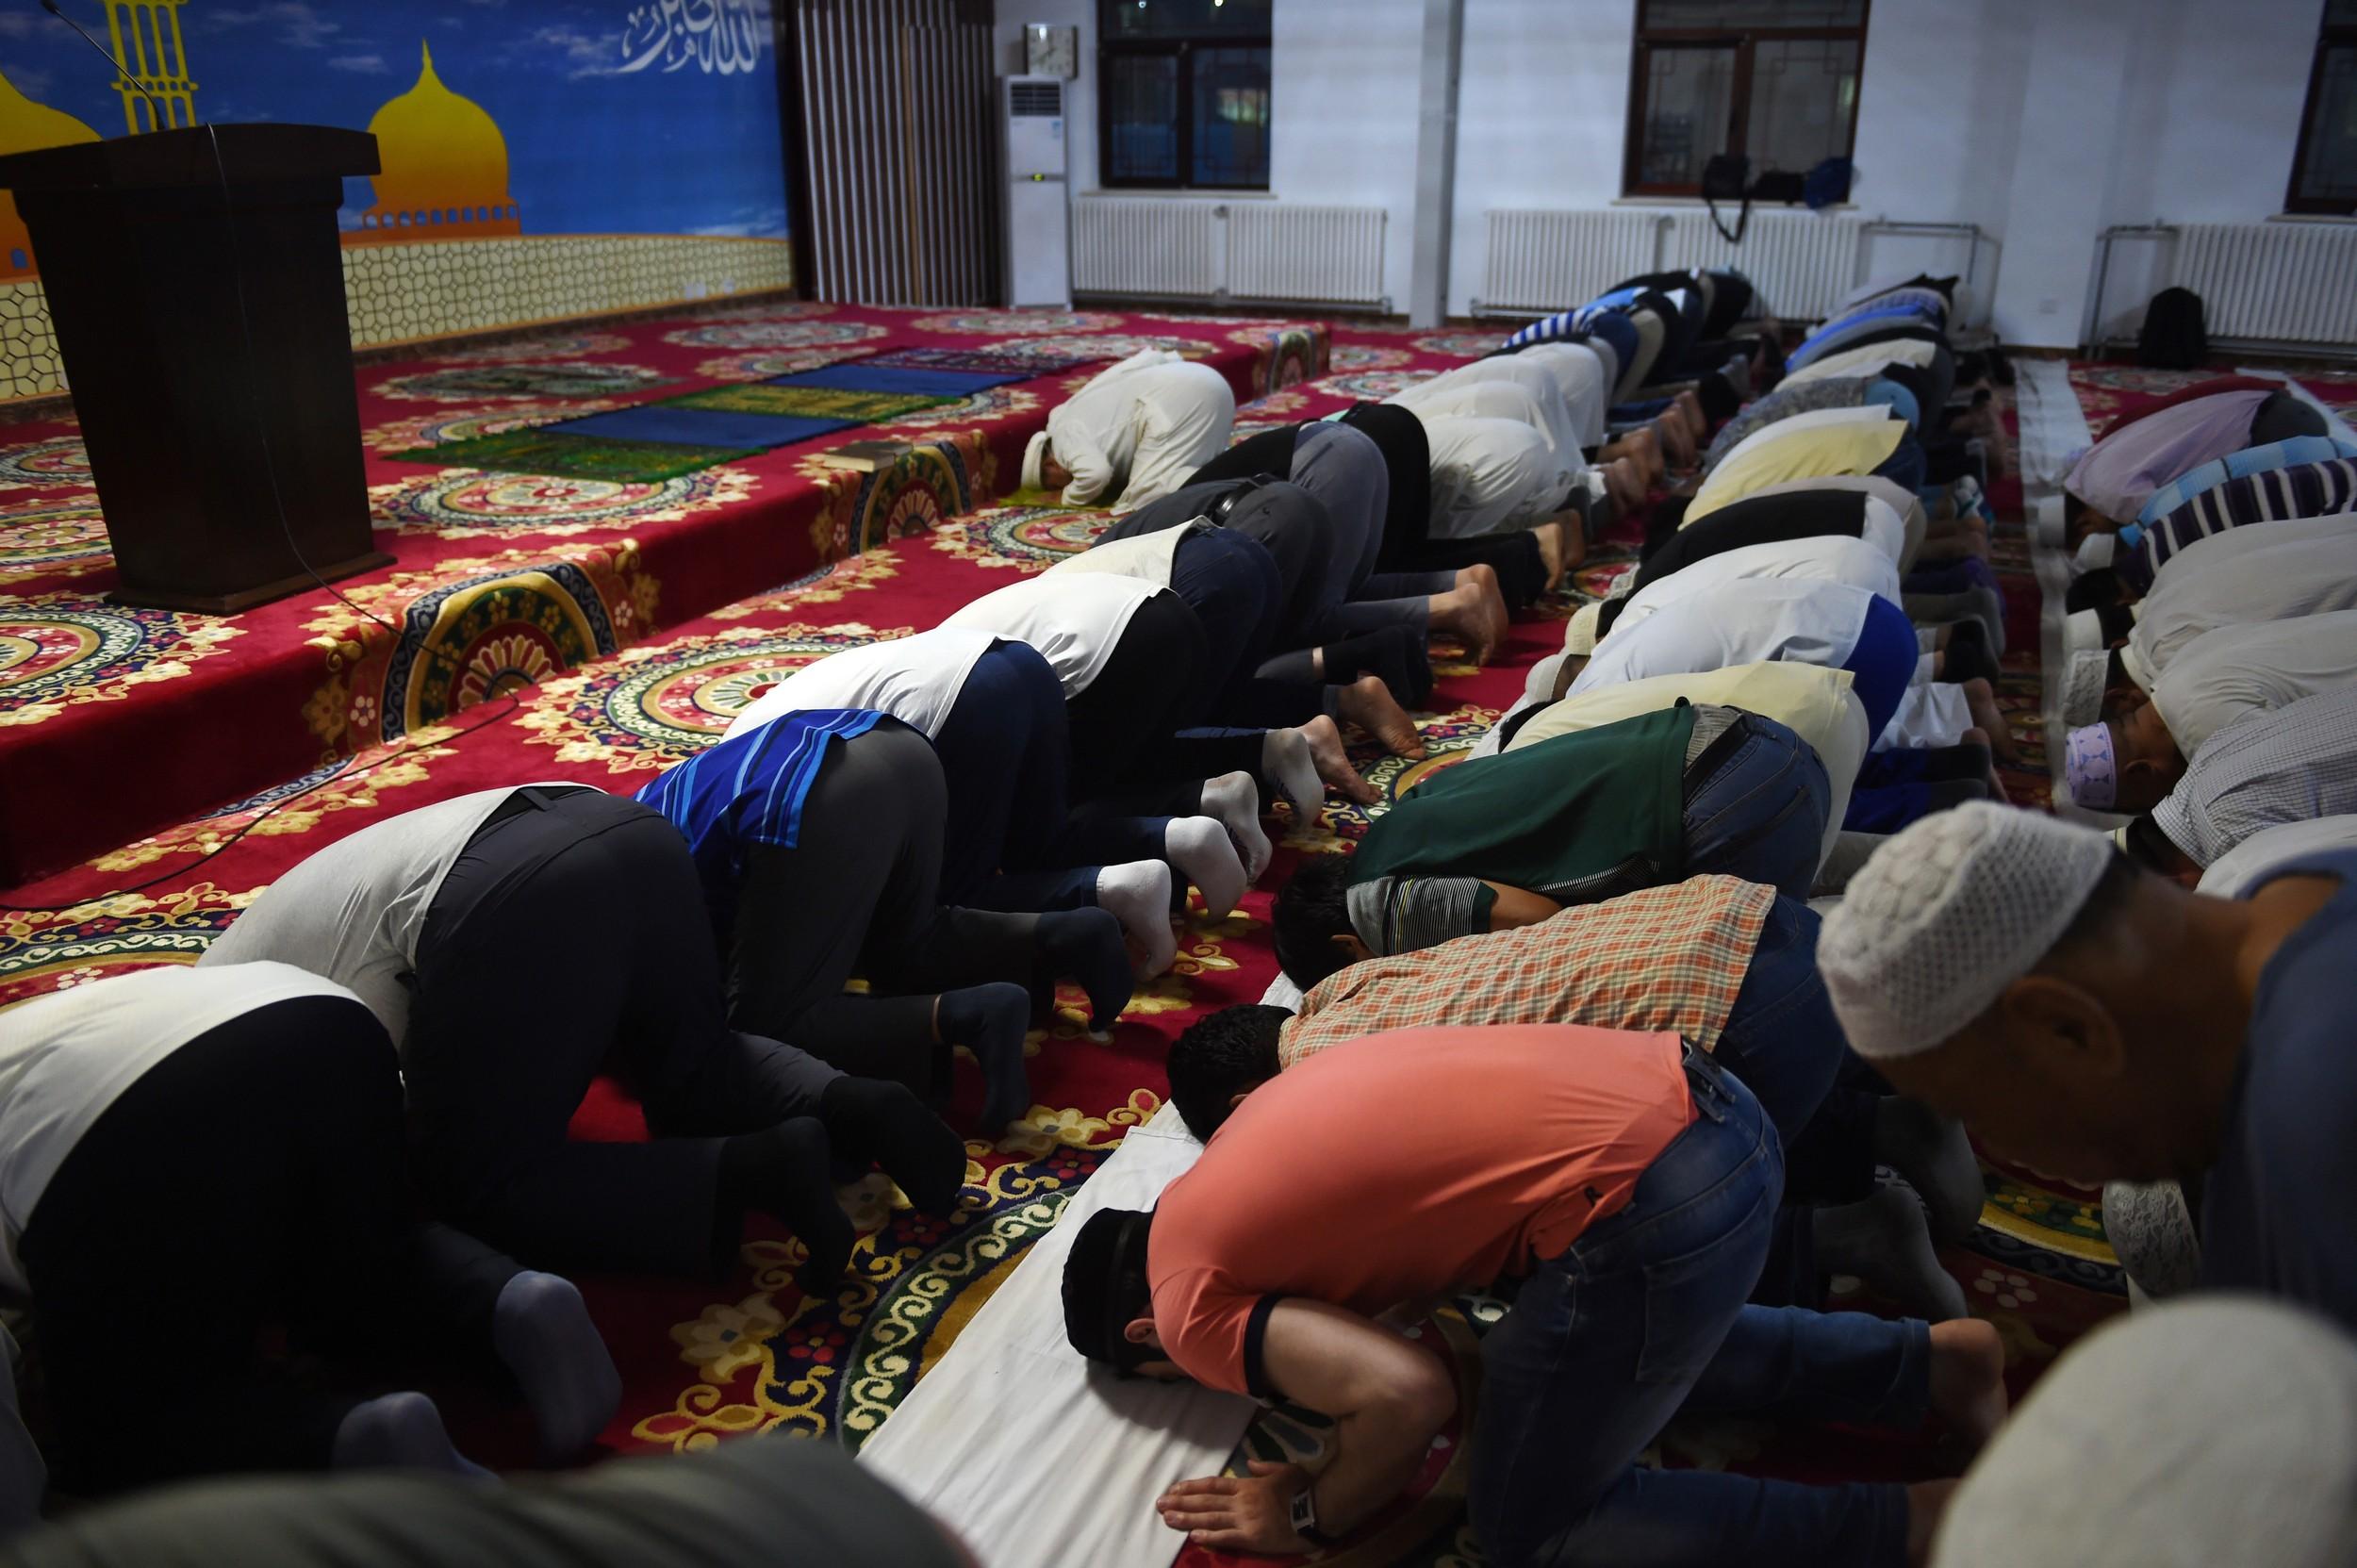 图为,2015年6月18日,穆斯林斋月的第一天,在北京的穆斯林们在一个清真寺内祷告。(法新社)